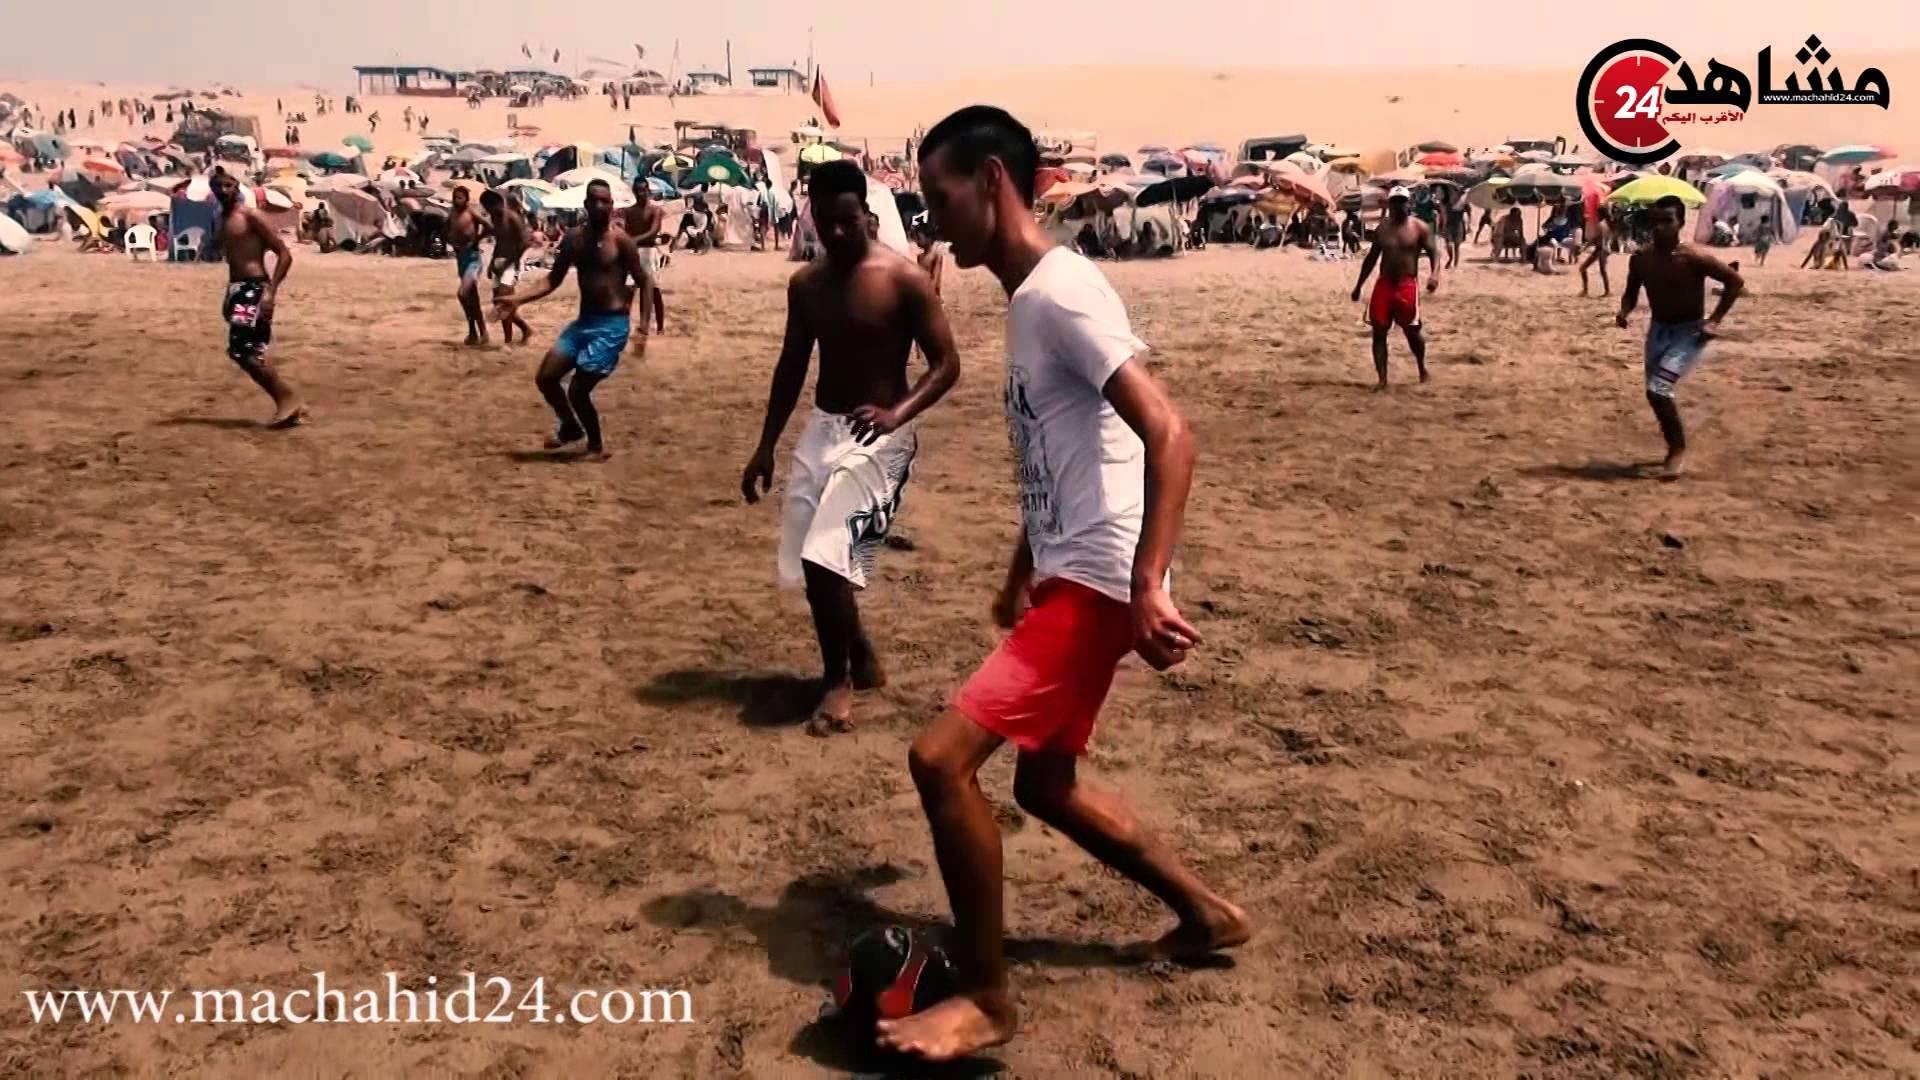 اكتشفوا شاطئ